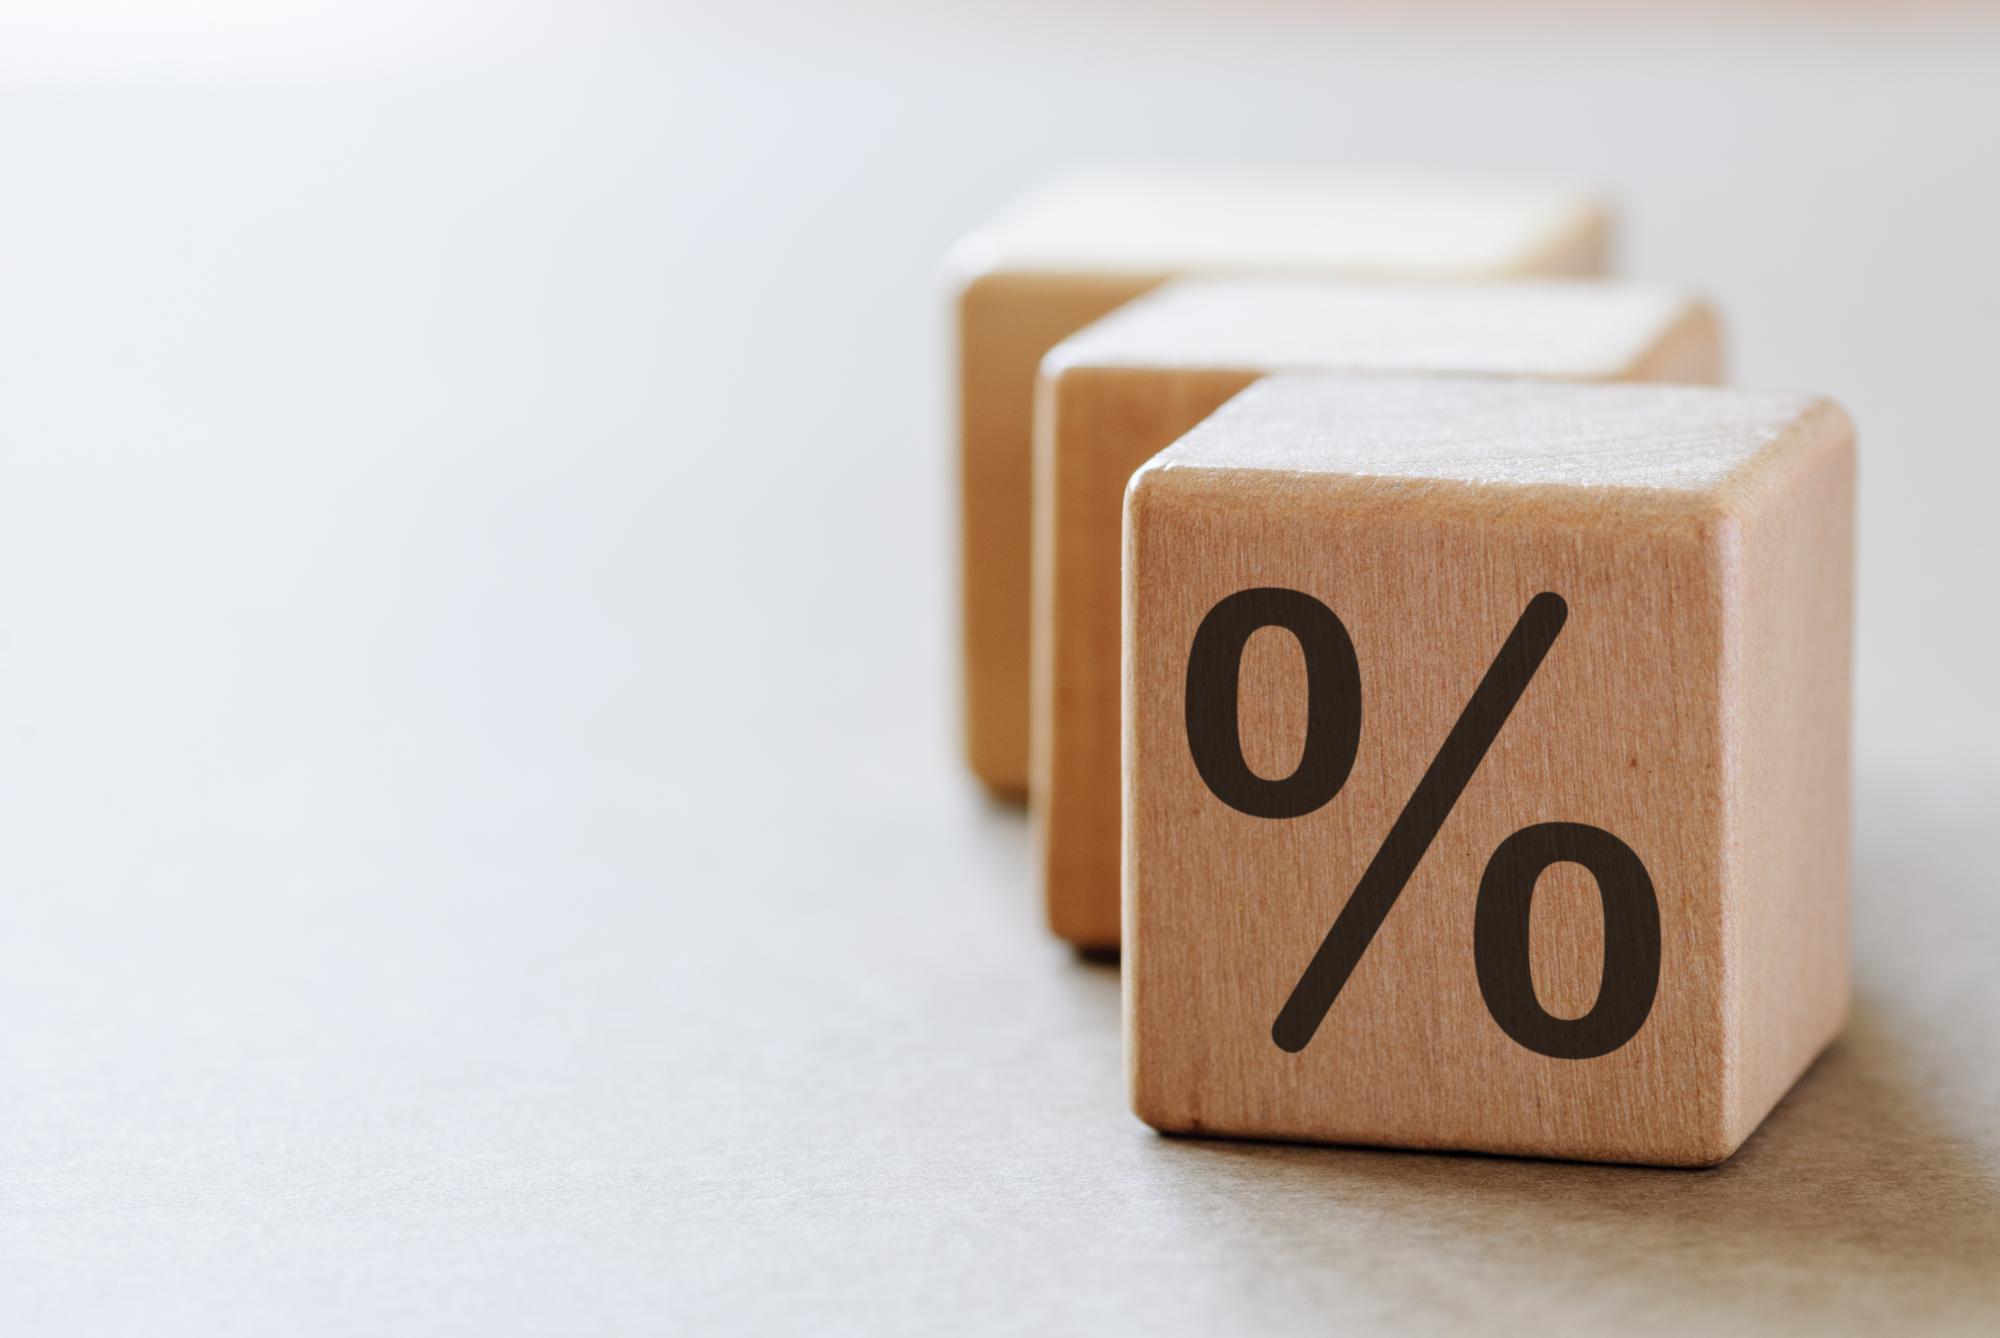 Для определения предельной величины процентов по займам, учитываемой в расходах, нужно сопоставлять условия по кредитам, выданным заемщиком